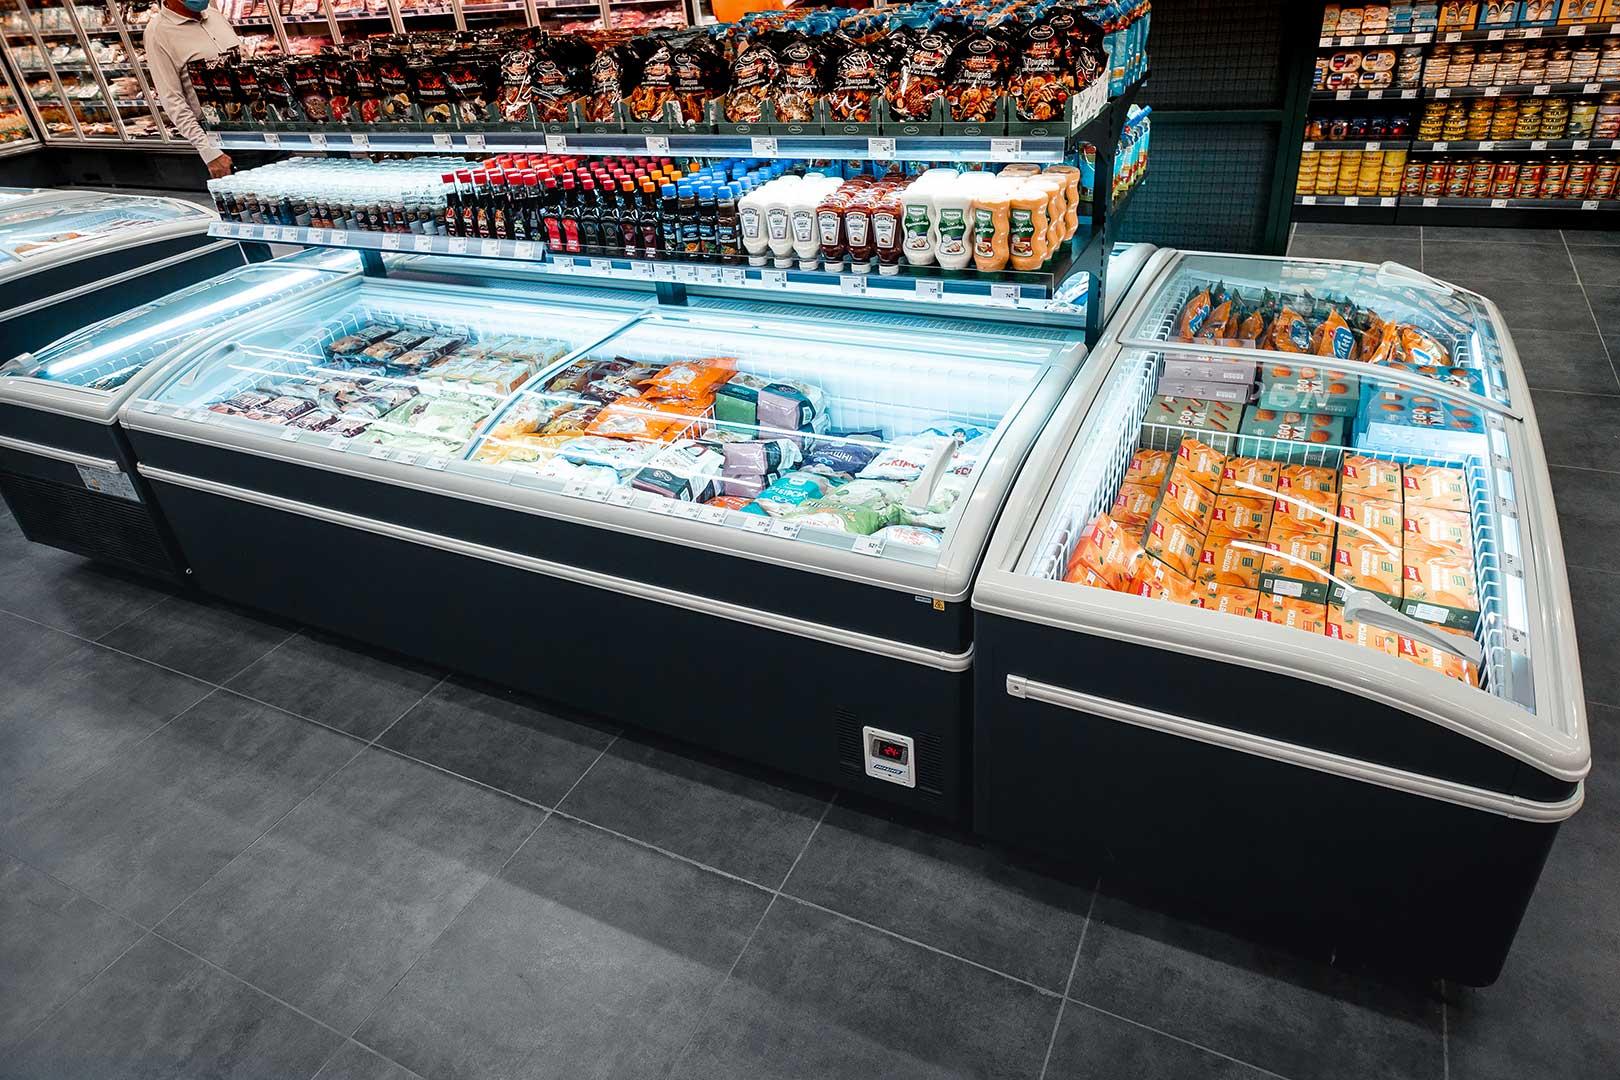 Frozen foods units Super AH 092 LT C 079-SLA, Super AH 092 LT C 079-SLA-TL